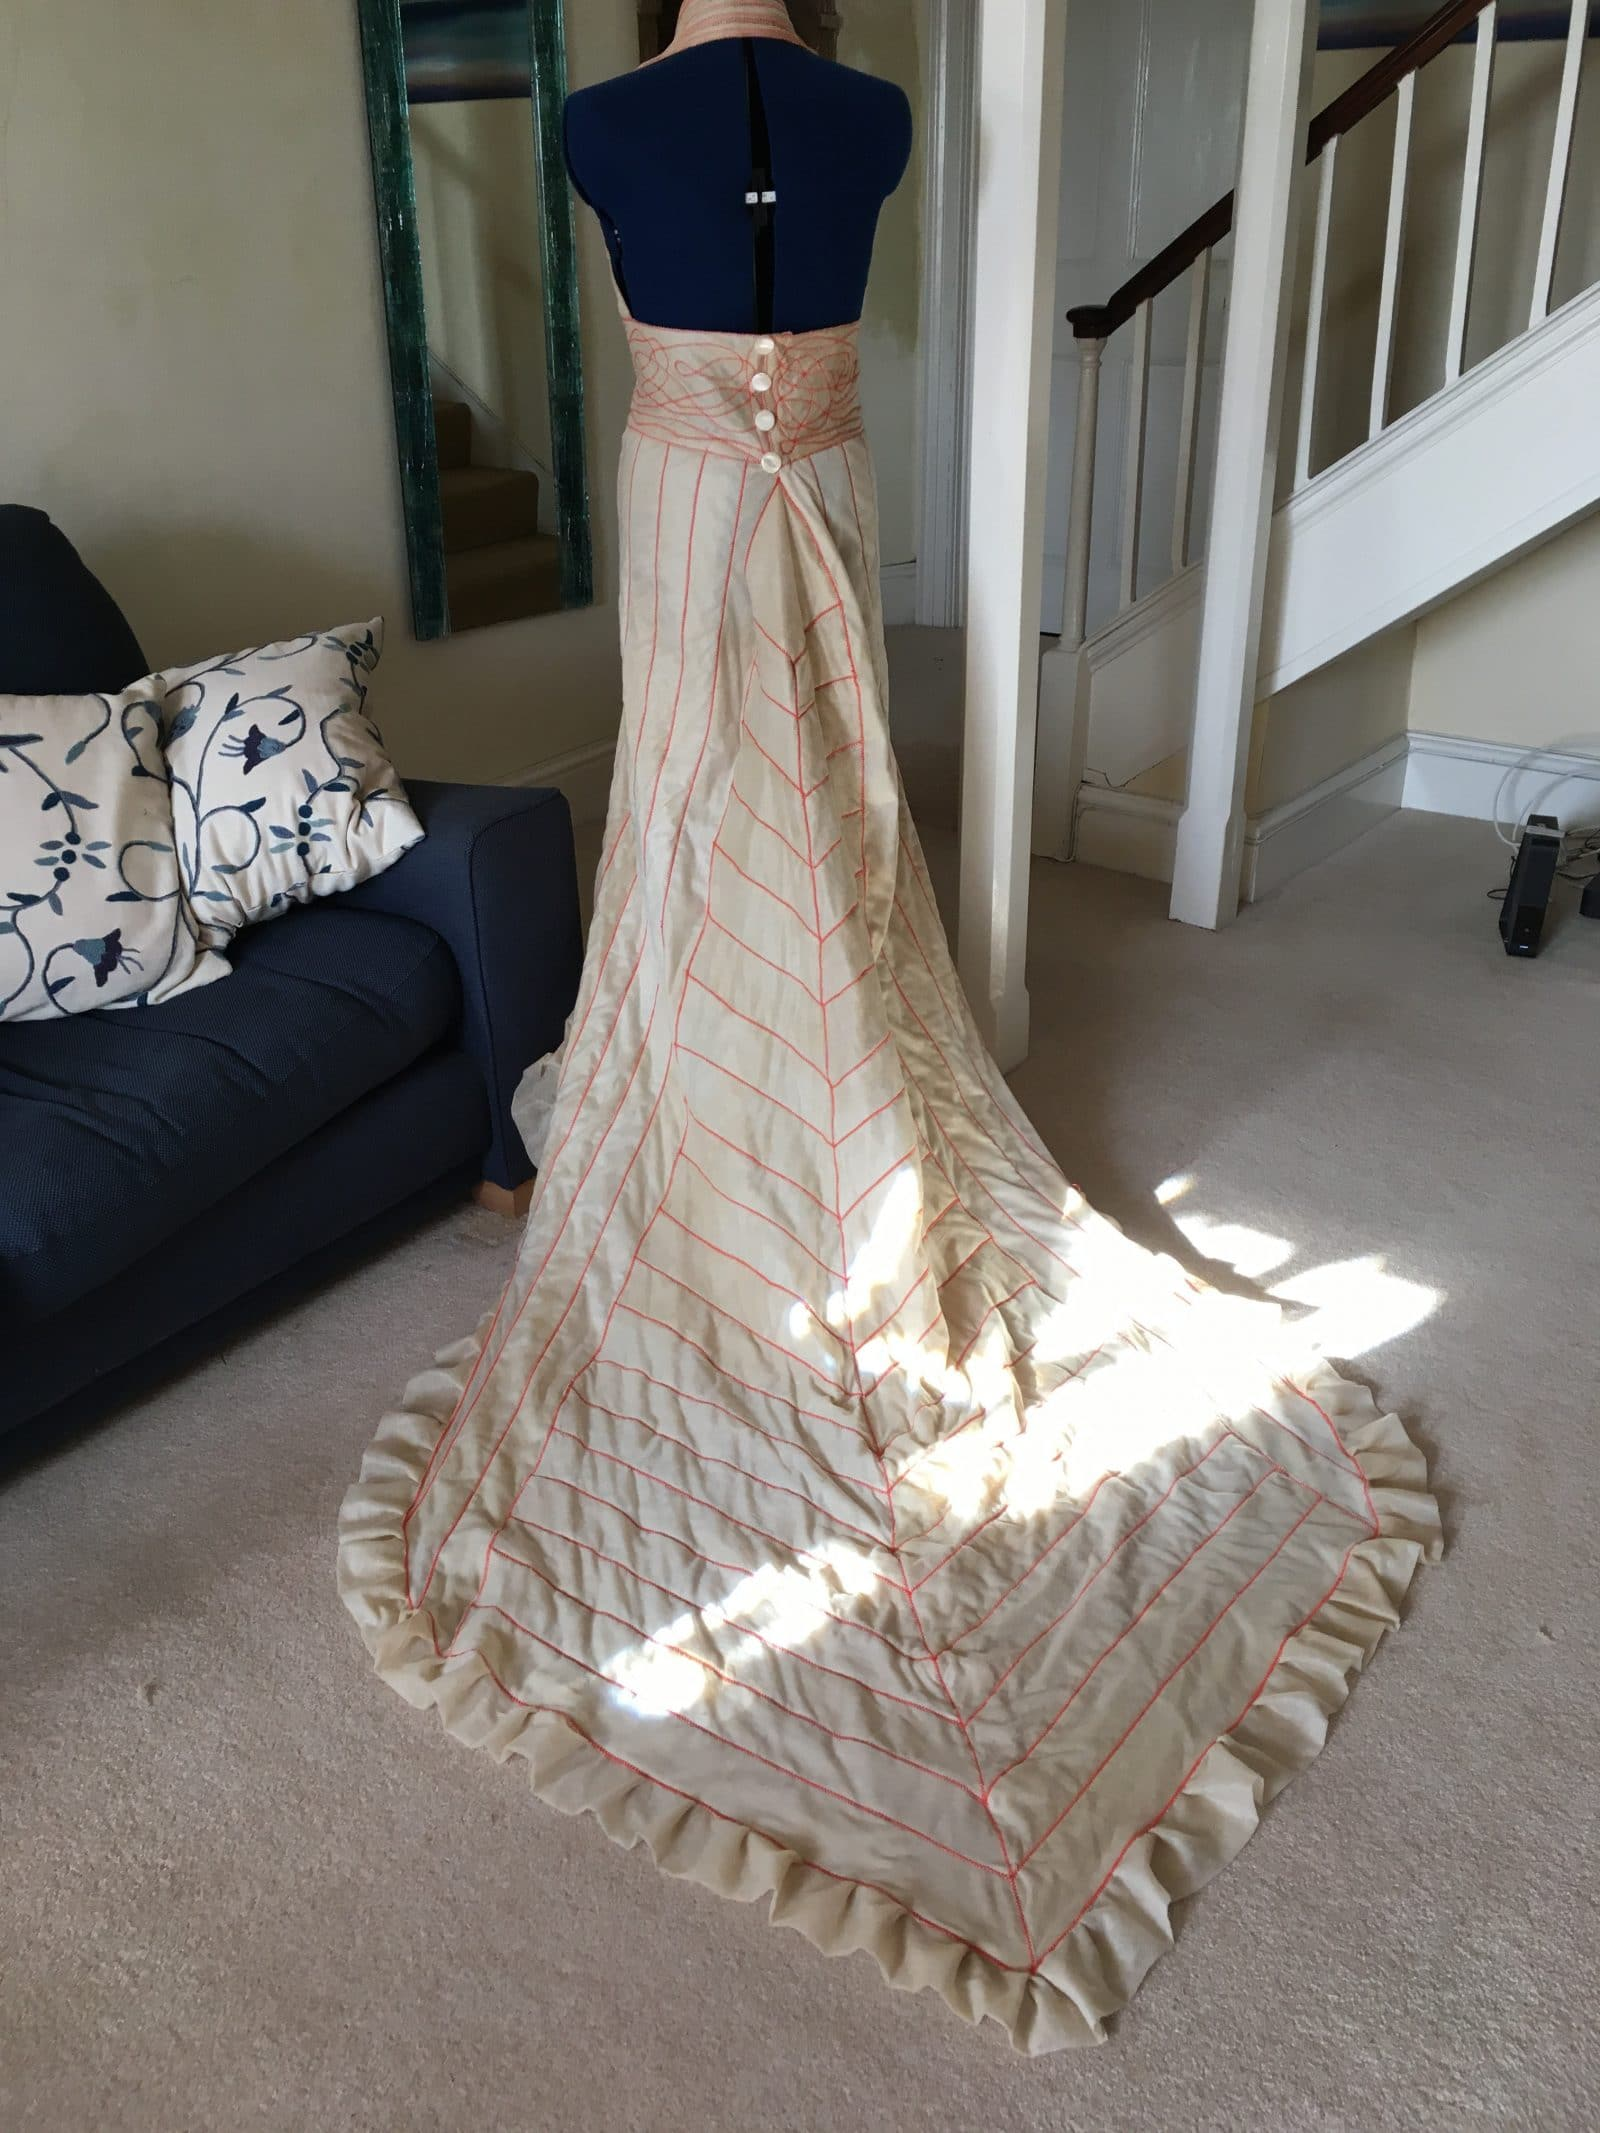 Дизайнер пошила для певицы вечернее платье из отходов. Эти наряды спасут Землю!